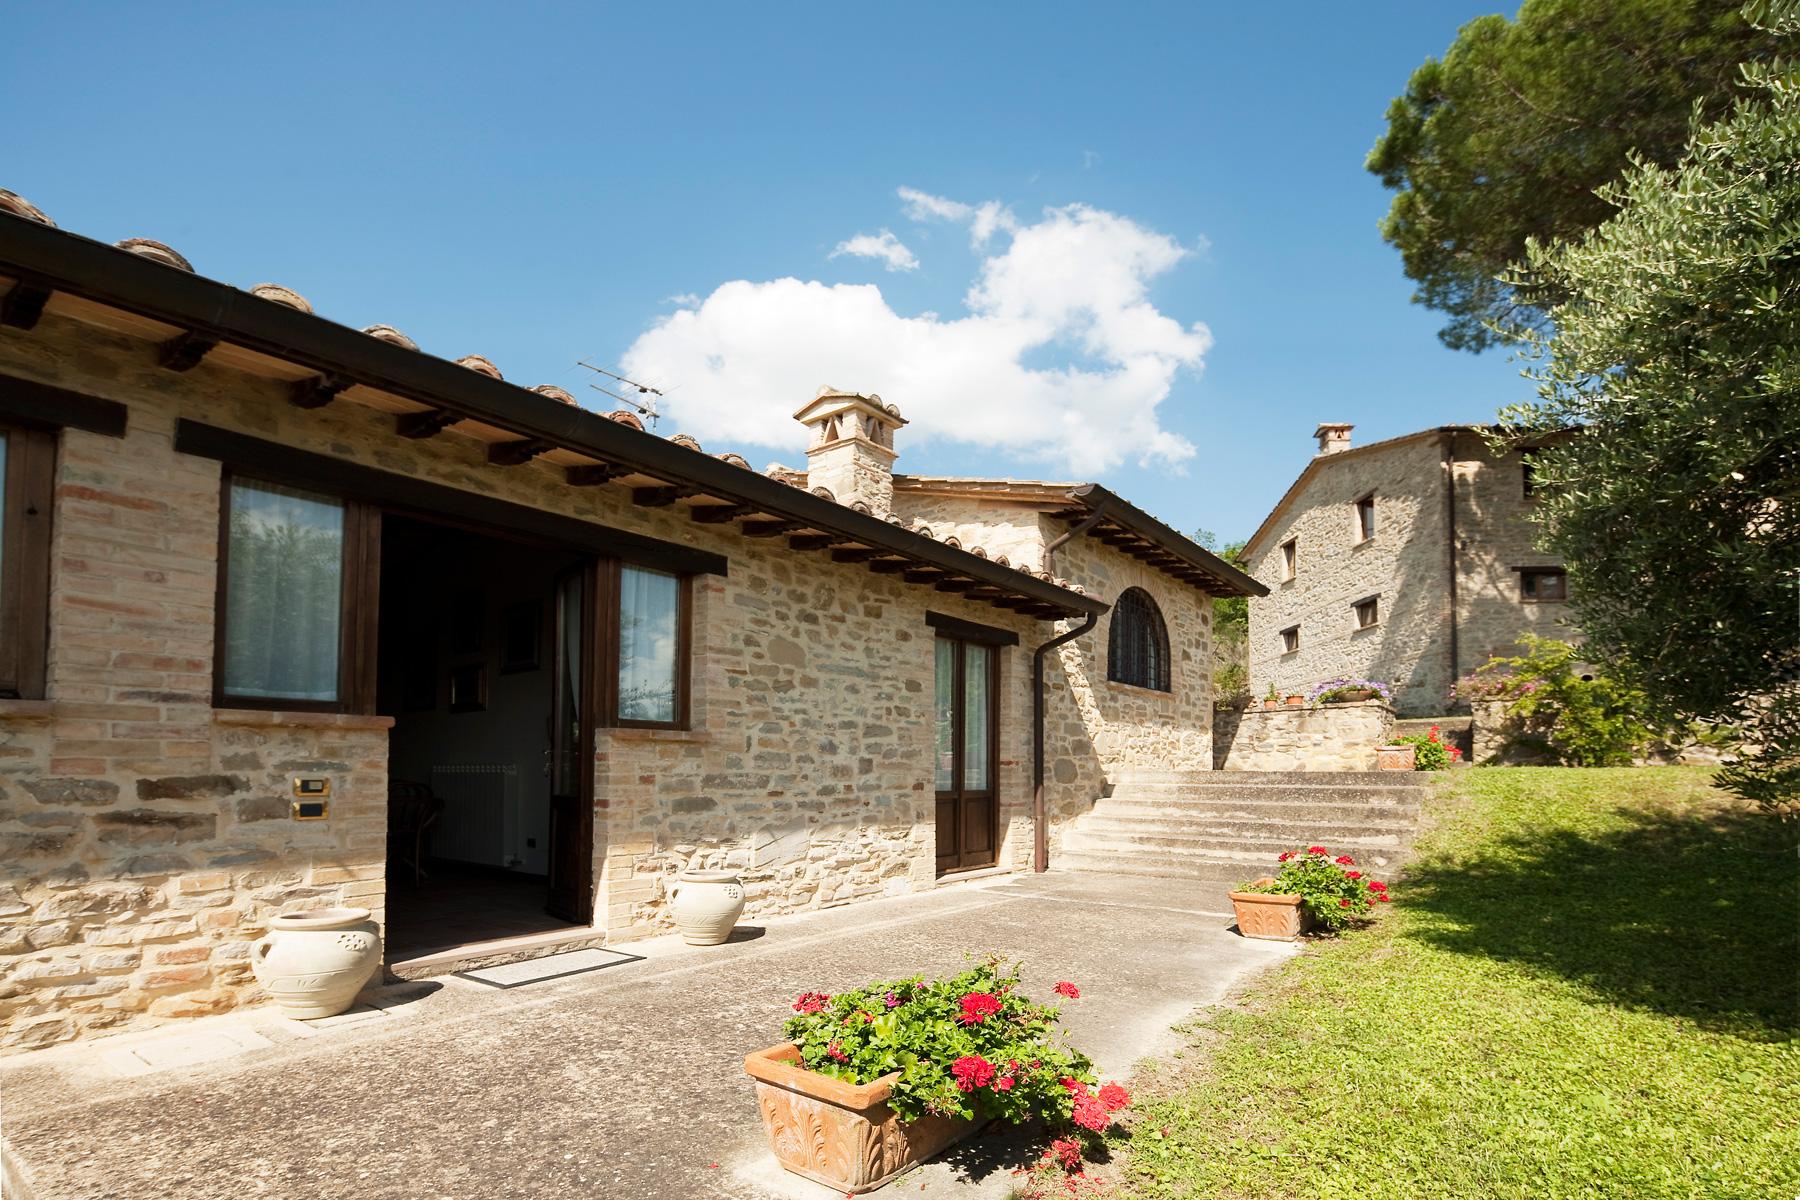 Umbertide, Via Serra Partucci